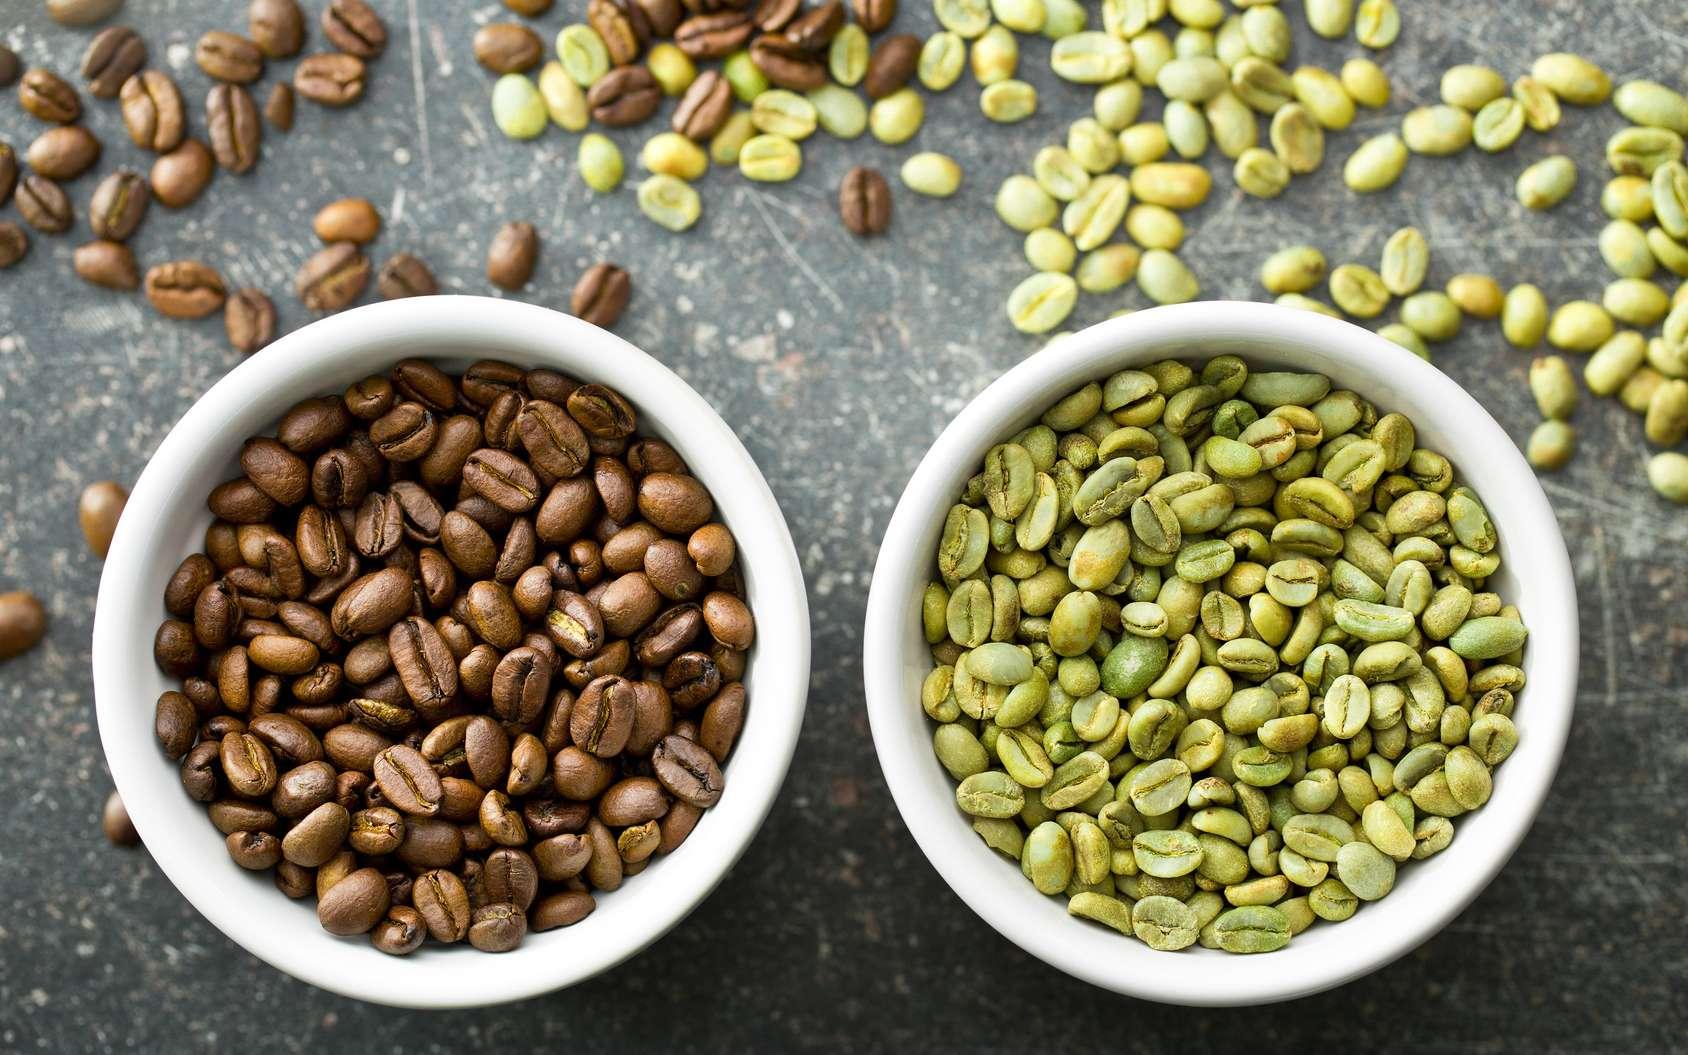 La graine de café est verte et noircit à mesure qu'elle est torréfiée. Il existe plusieurs niveaux de torréfaction, de blond à italien (noir) en passant par brun ou français (mi-noir). Le café vert présenterait plus d'atouts nutritionnels que le café noir. © Jiri Hera, Fotolia